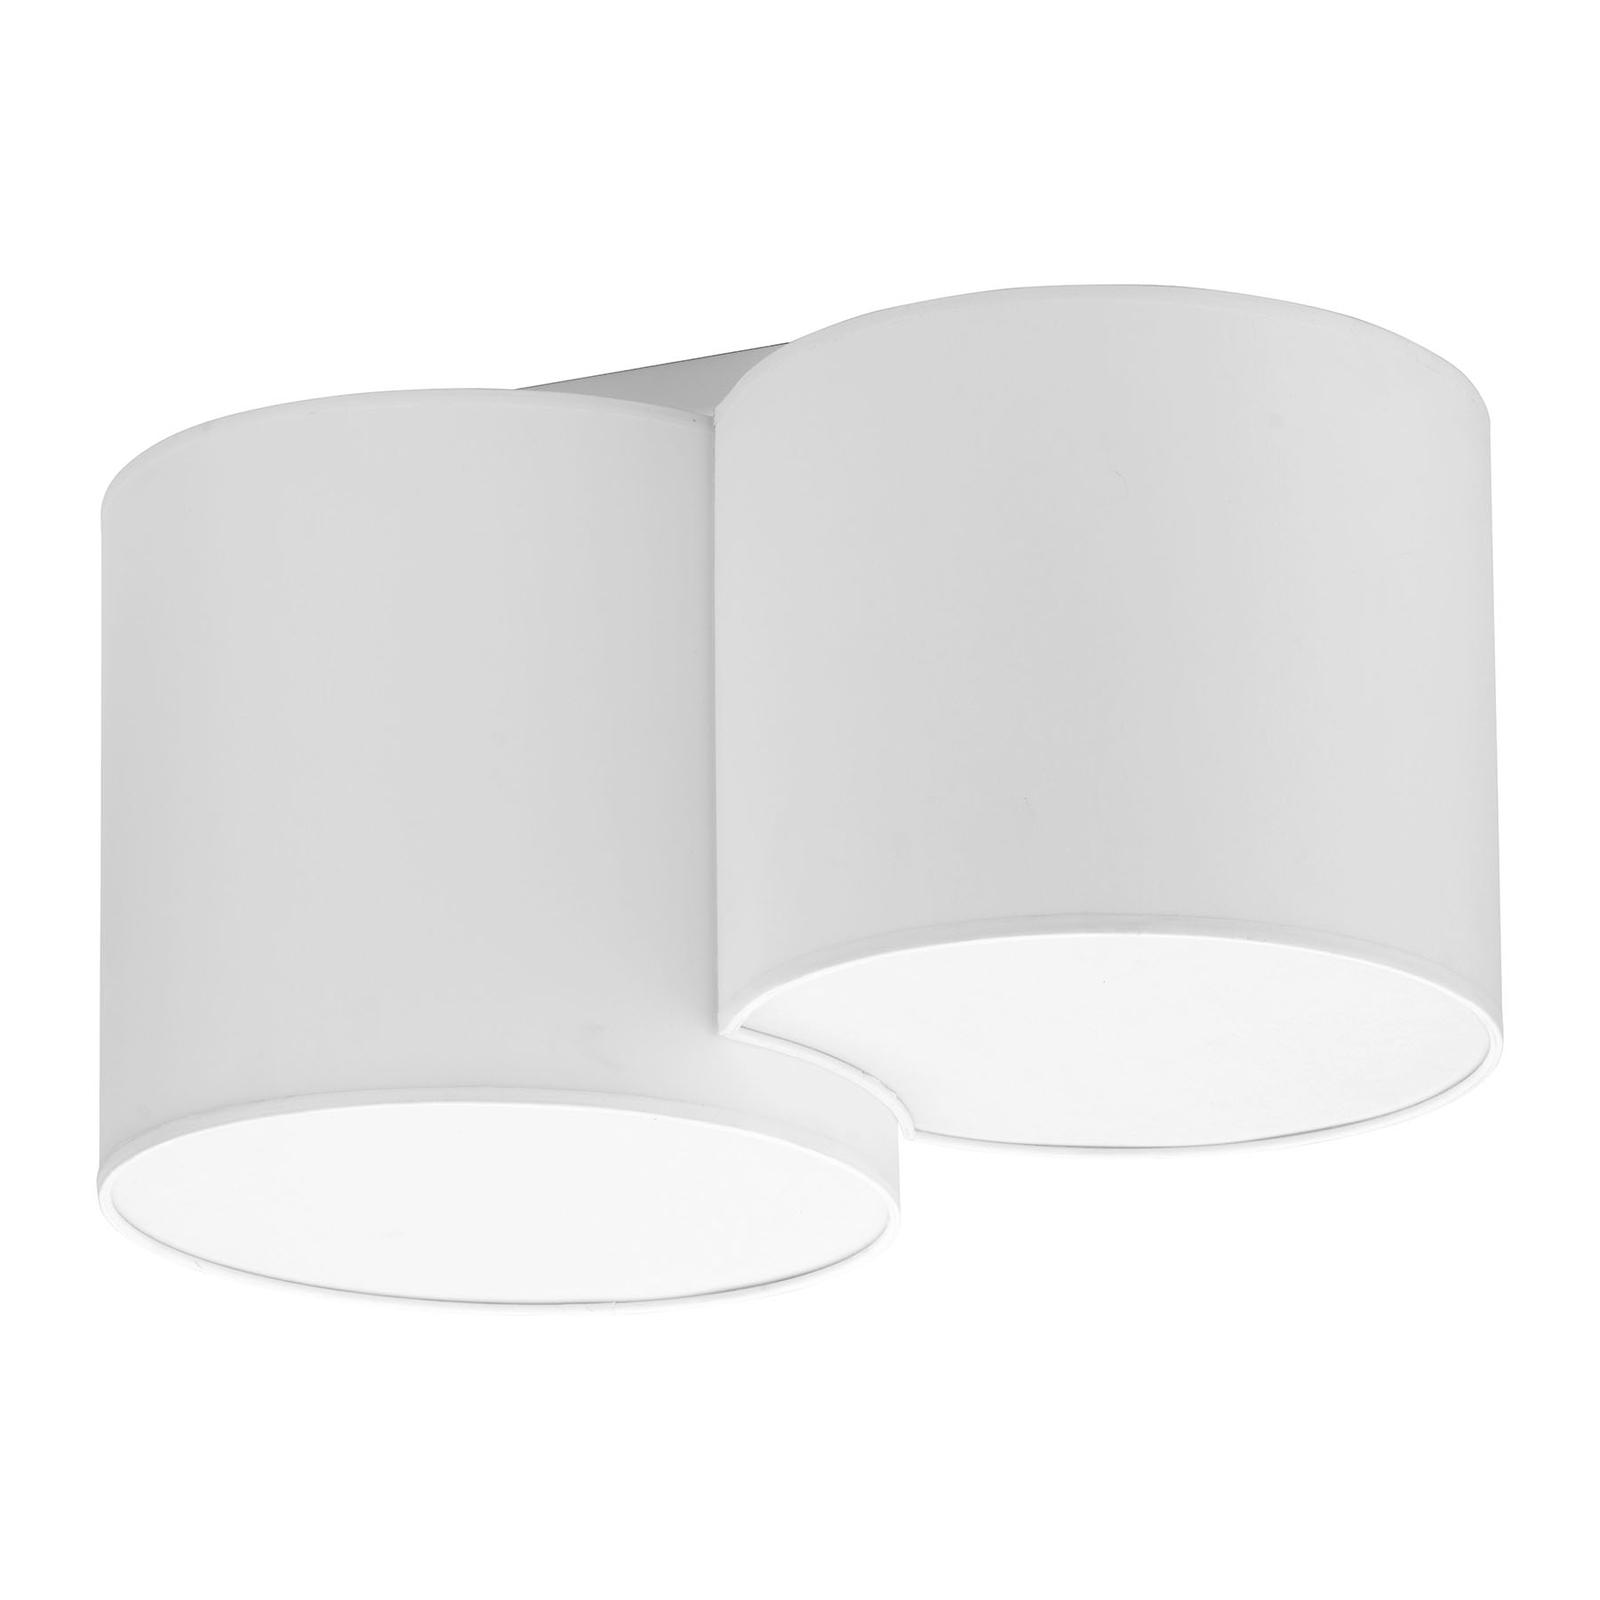 Lampa sufitowa Mona, 2-punktowa, biała